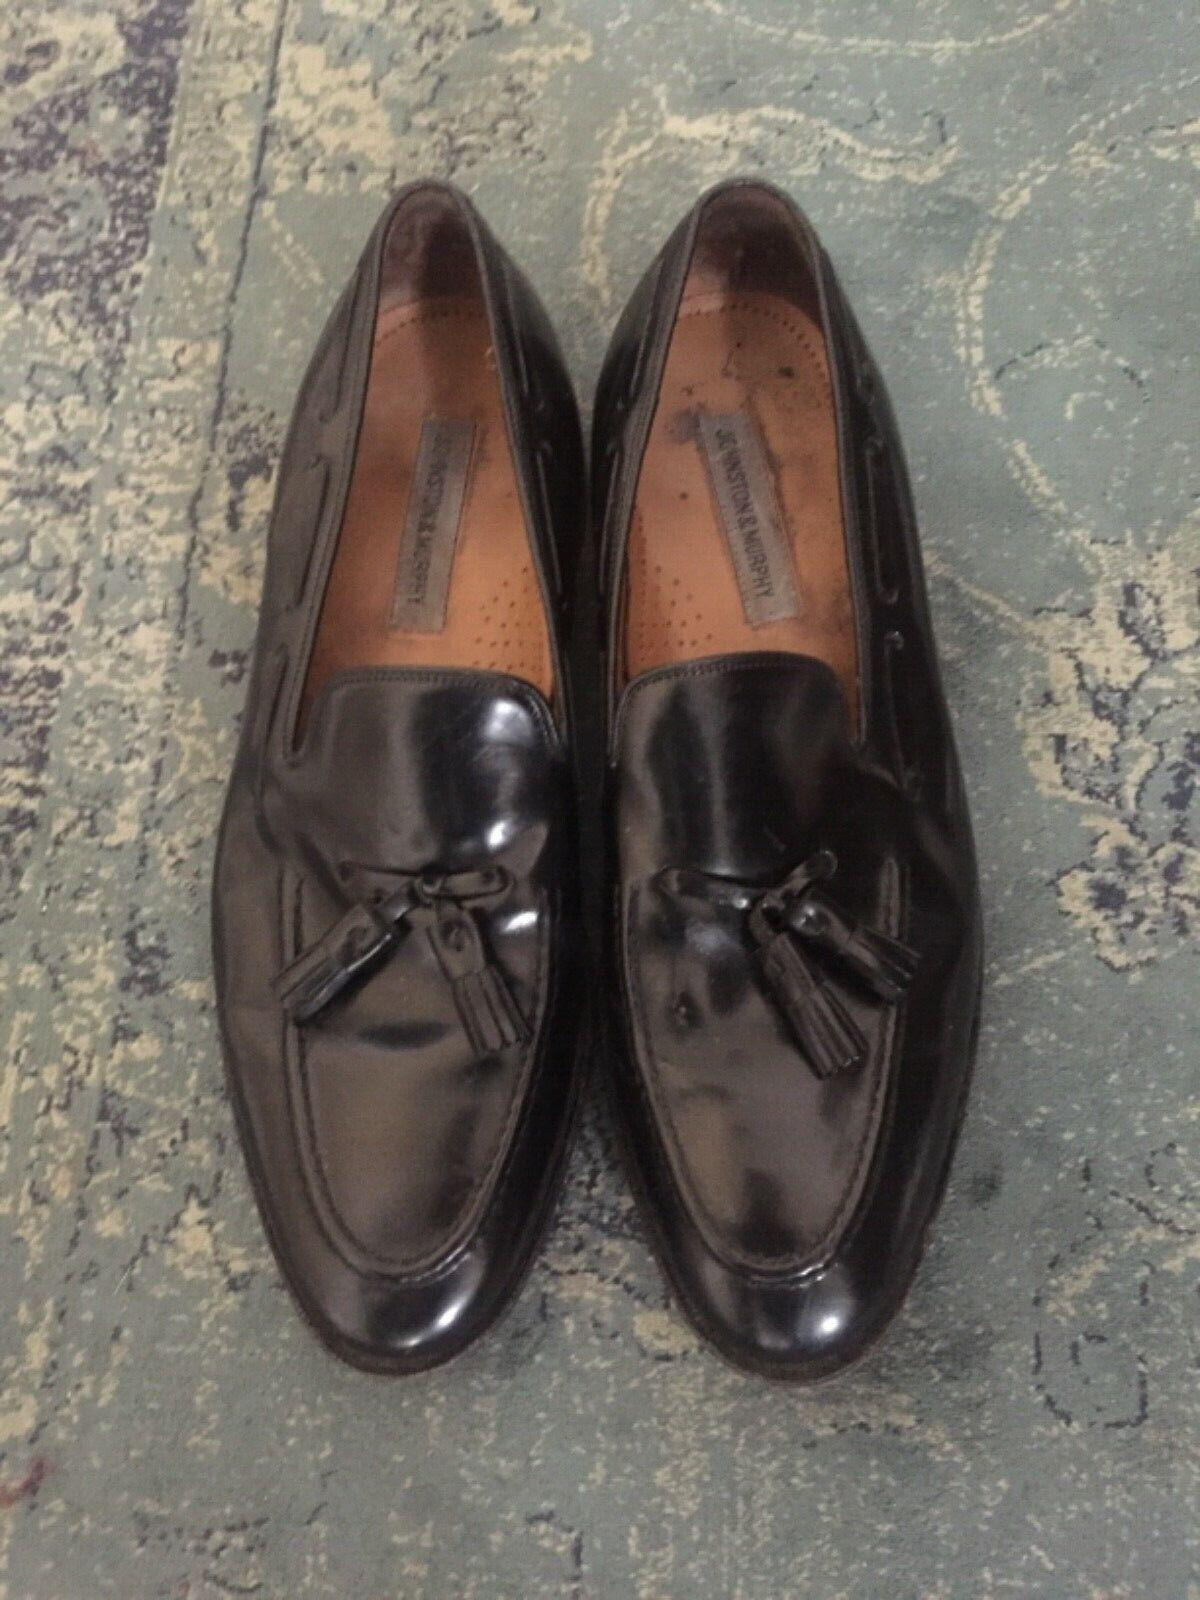 JOHNSTON & MURPHY MENS BLACK TASSEL DRESS SLIP-ON LOAFER SIZE 12D